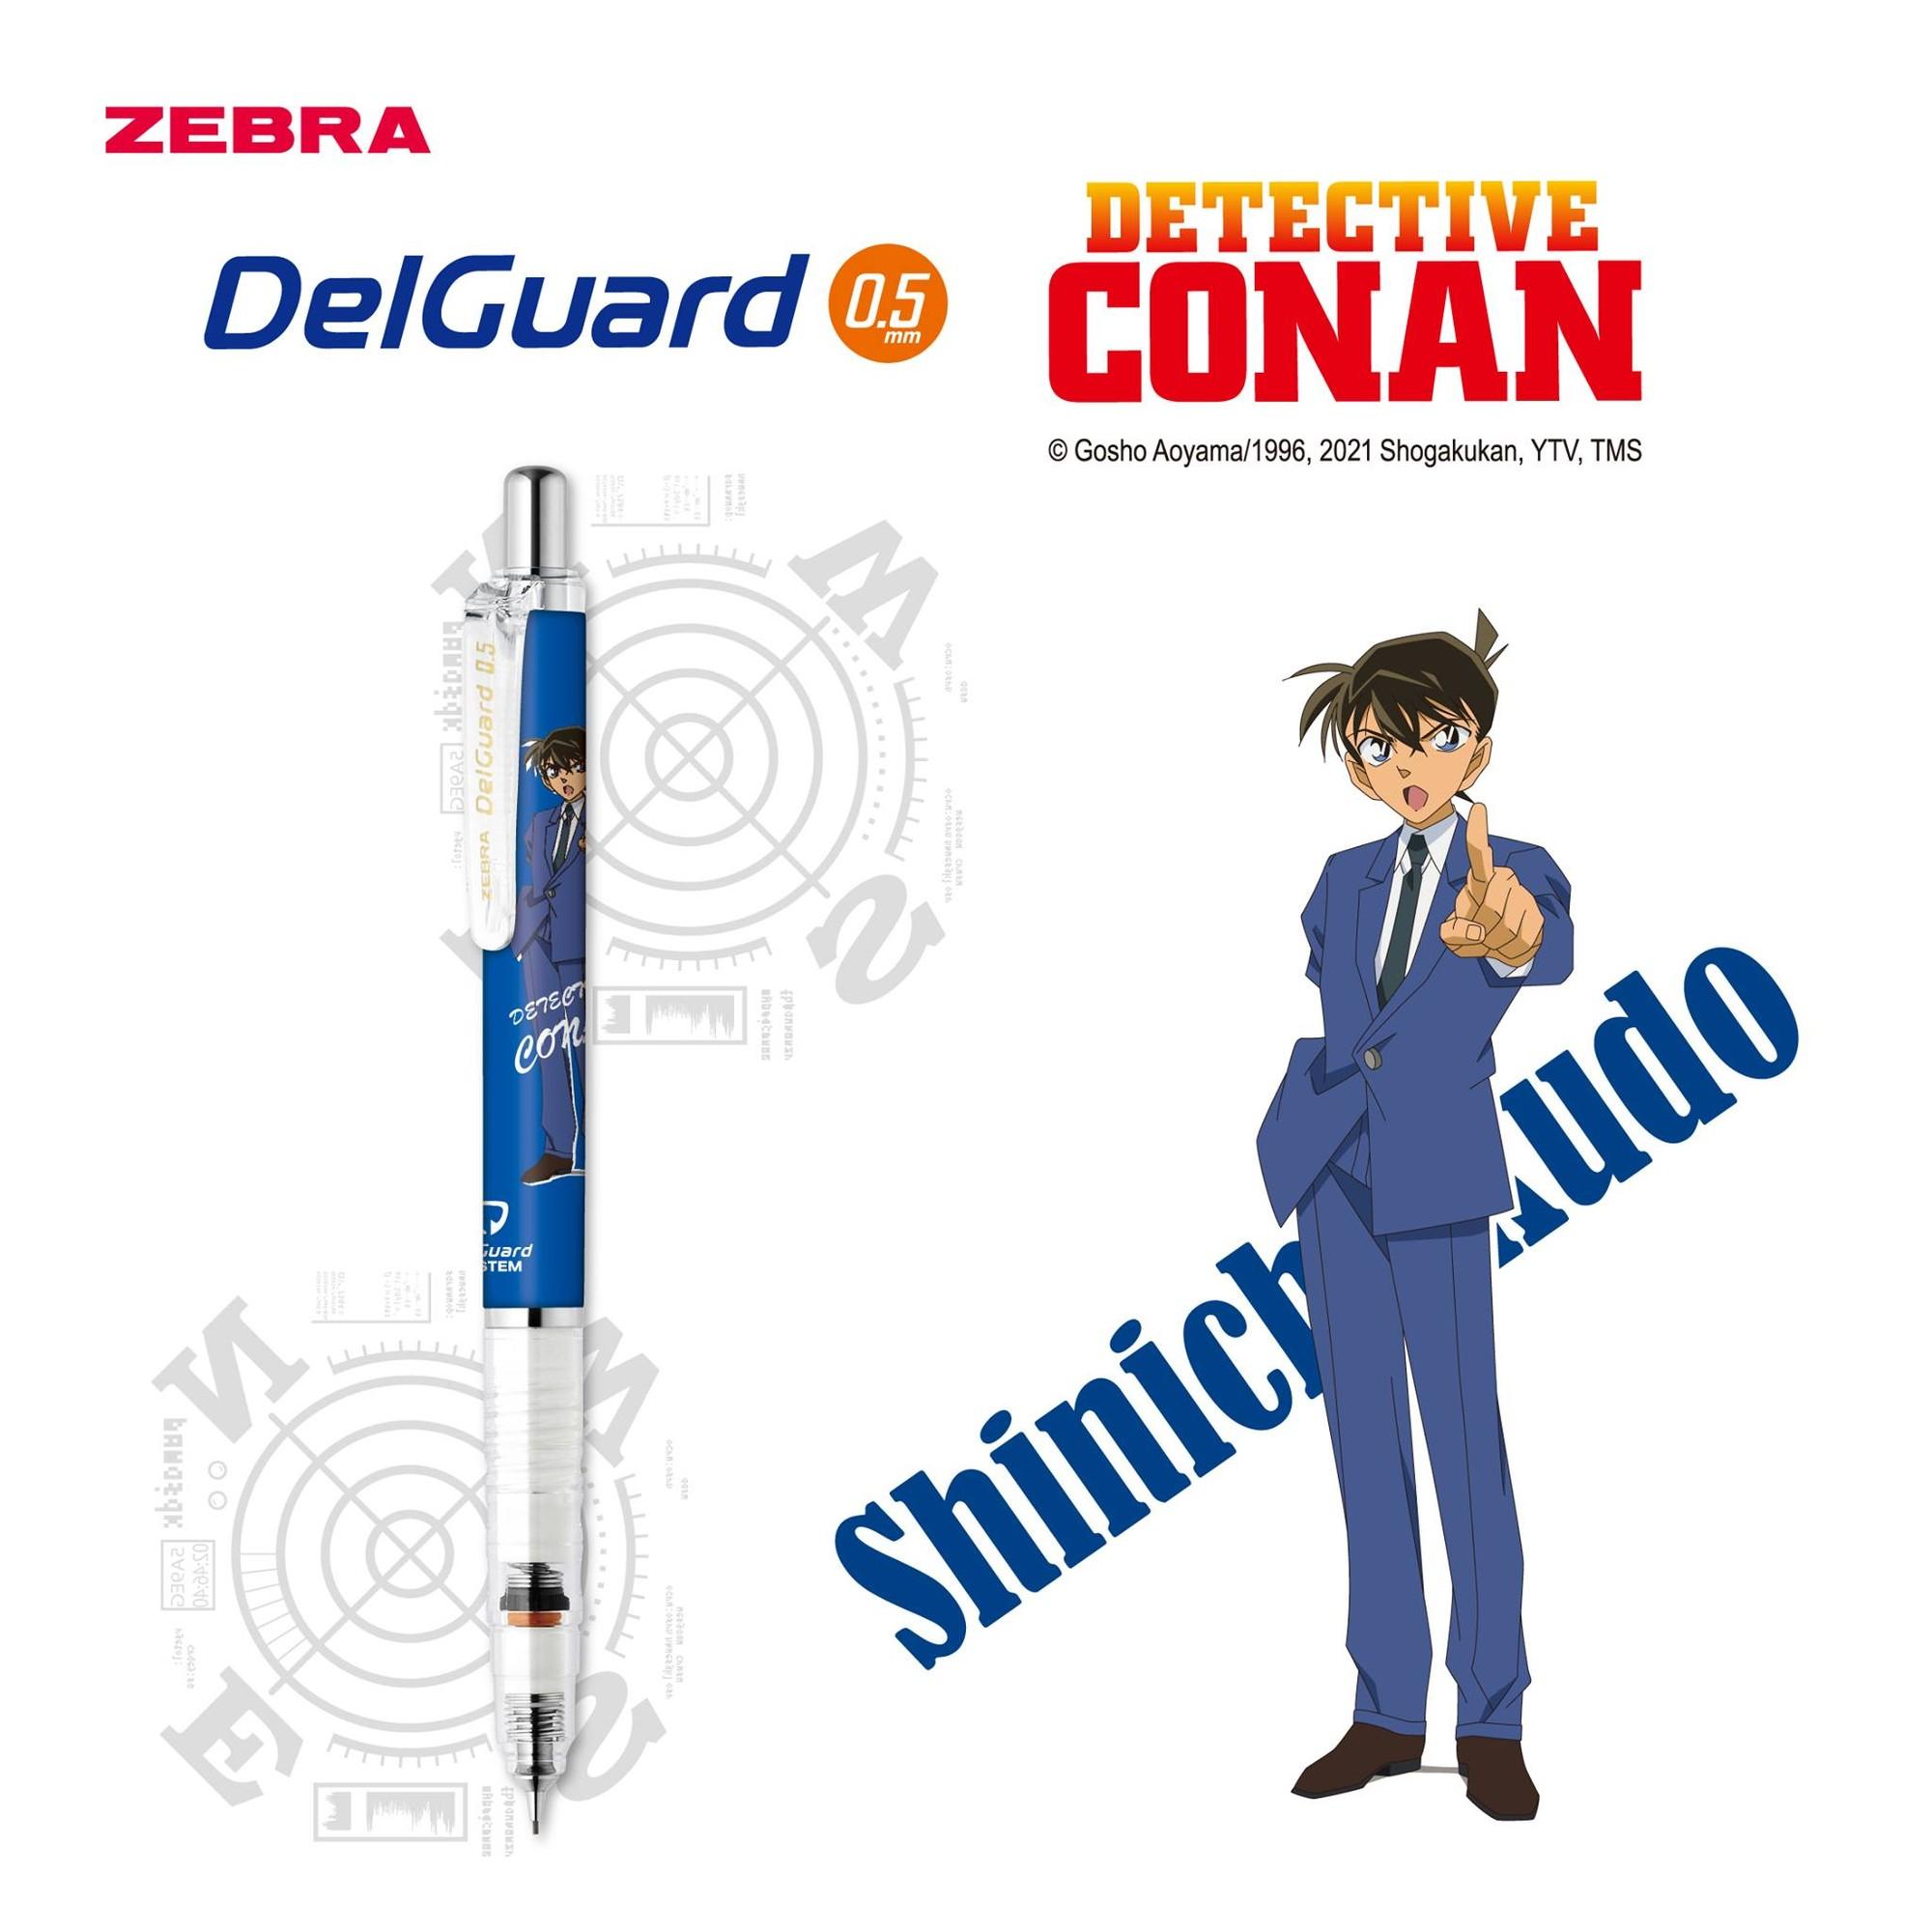 ดินสอกด DelGuard Mechanical Pencil ลาย Conan Limited Edition